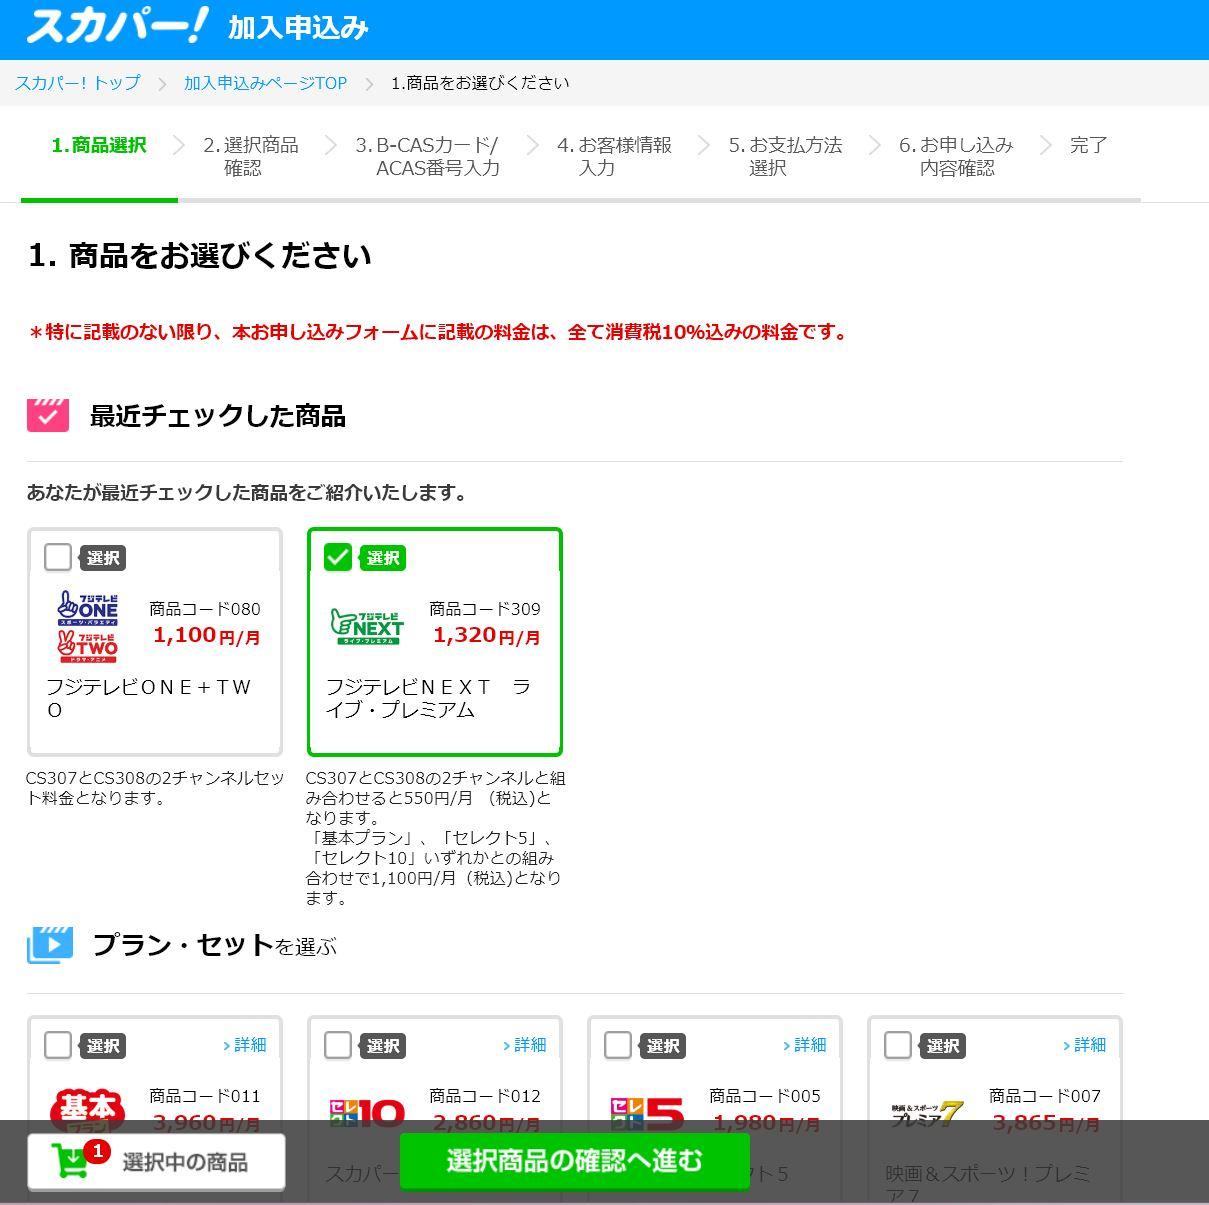 スカパー_20チャンネル選択画面